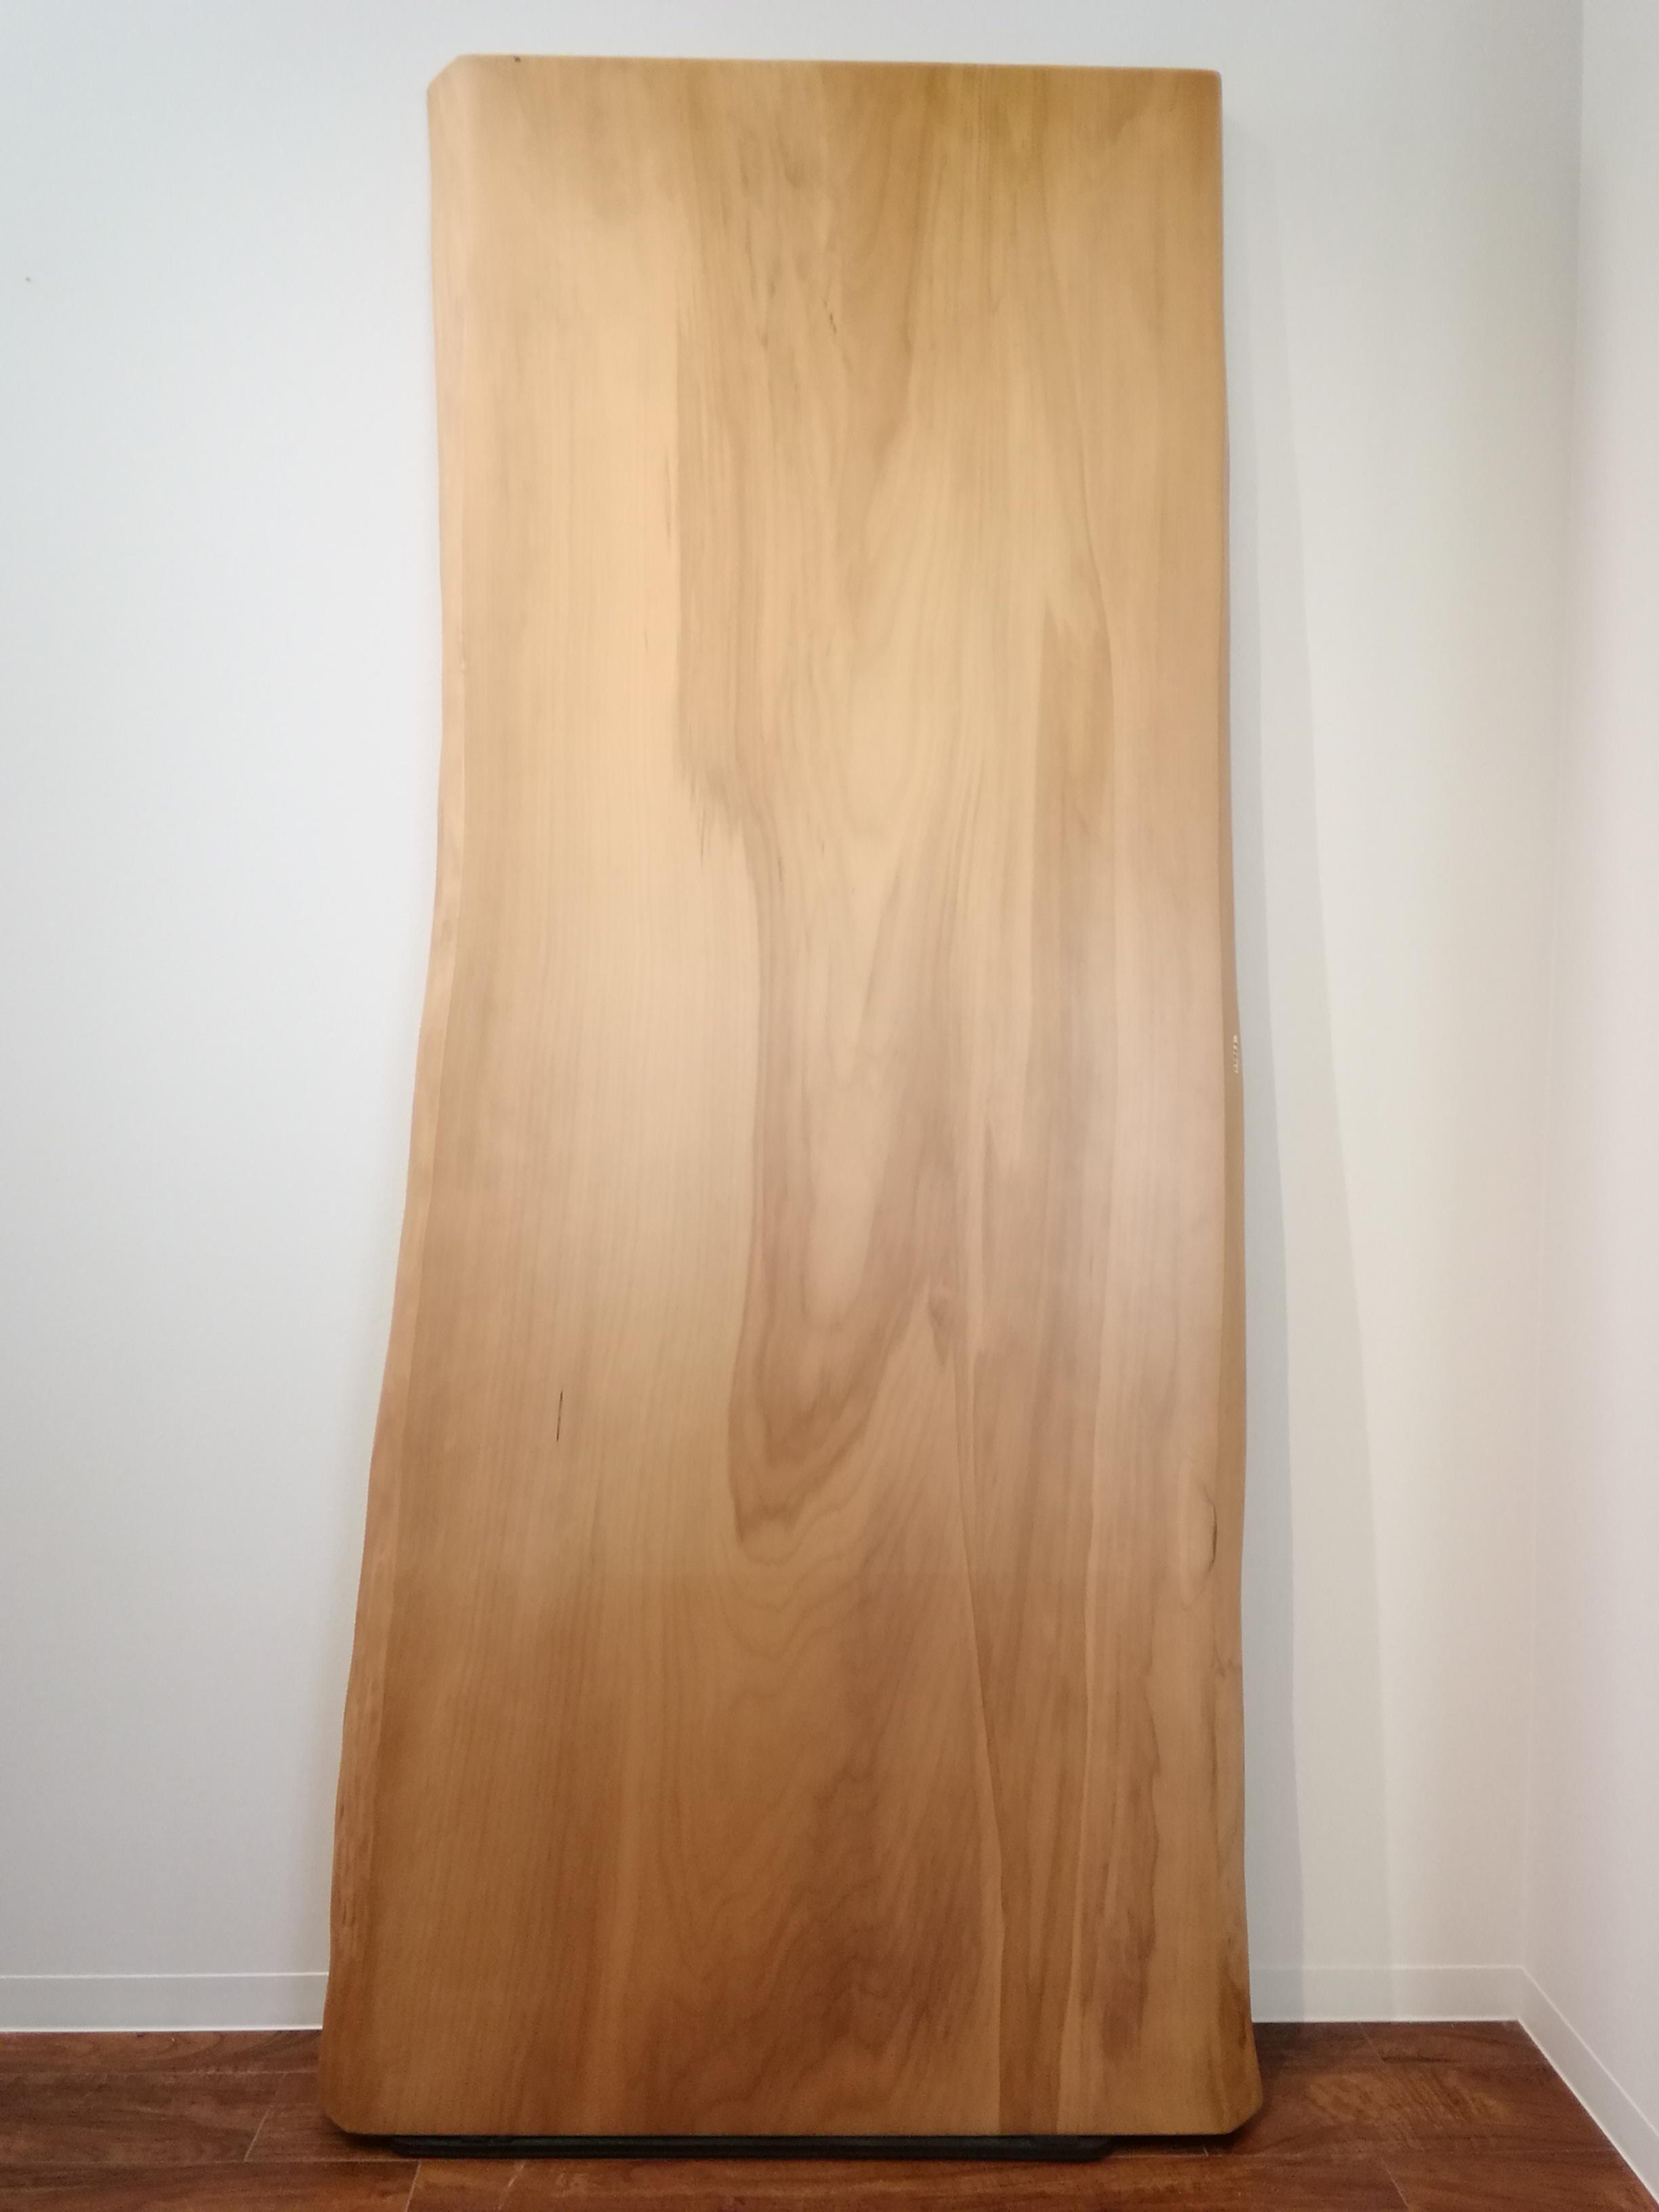 イチョウの一枚板 W2000 D930